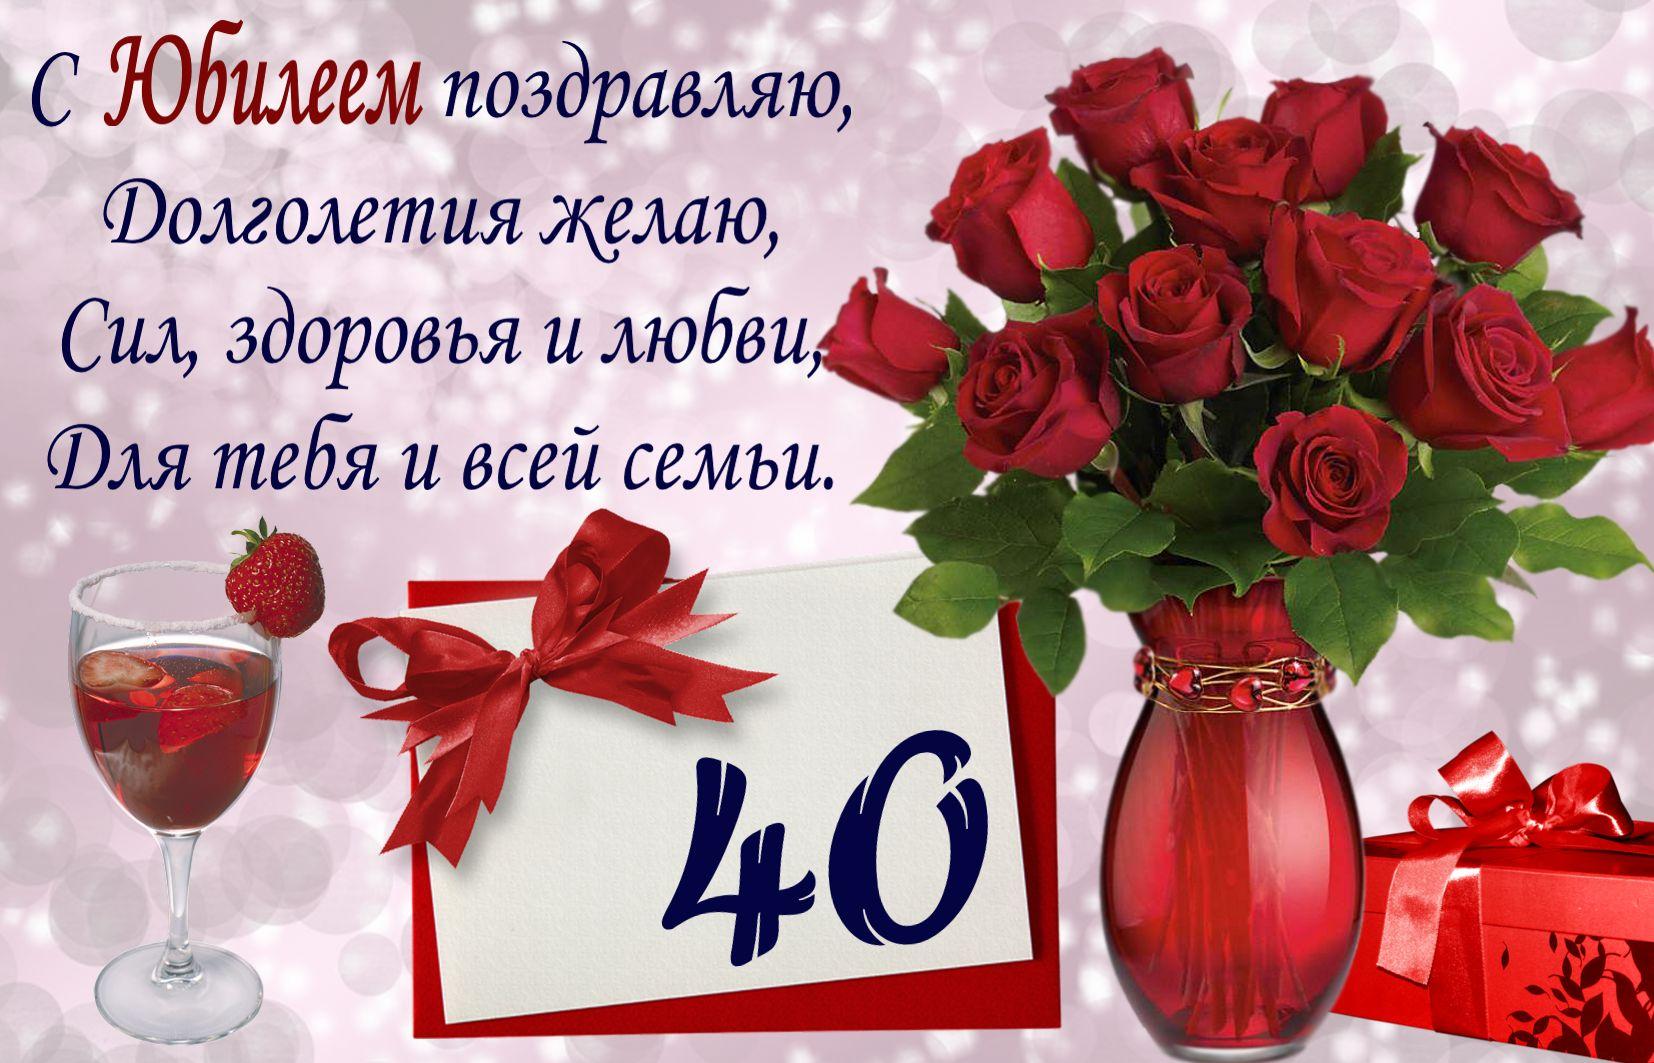 Поздравление маме на юбилей 40 лет